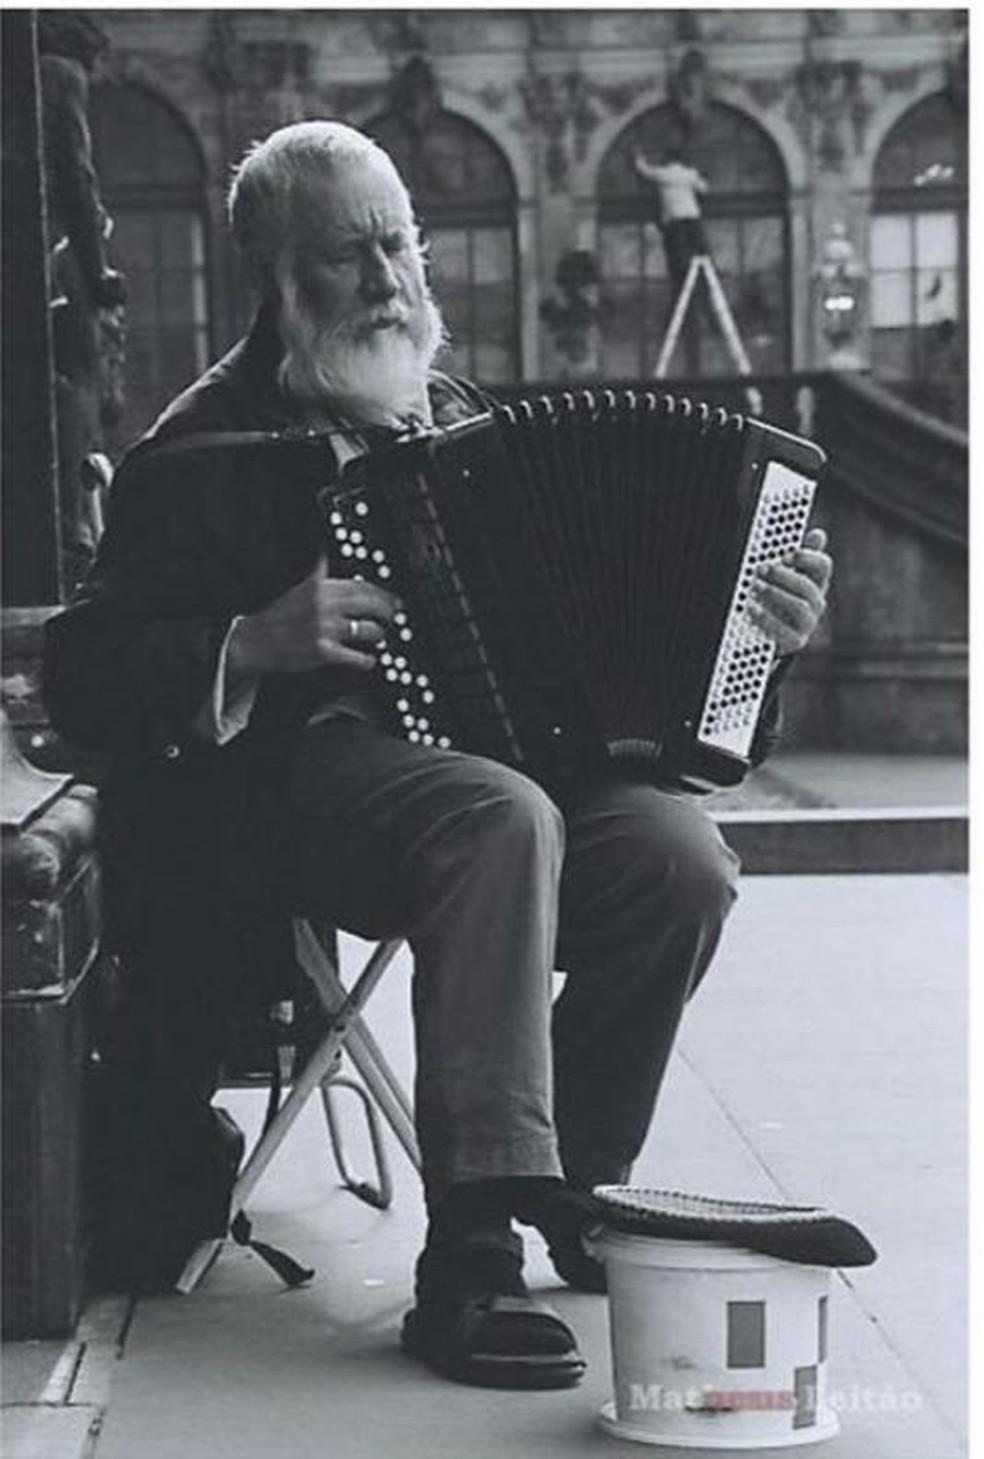 Homem toca acordeon em uma rua de Dresden, na ex-Alemanha Oriental — Foto: Matheus Leitão